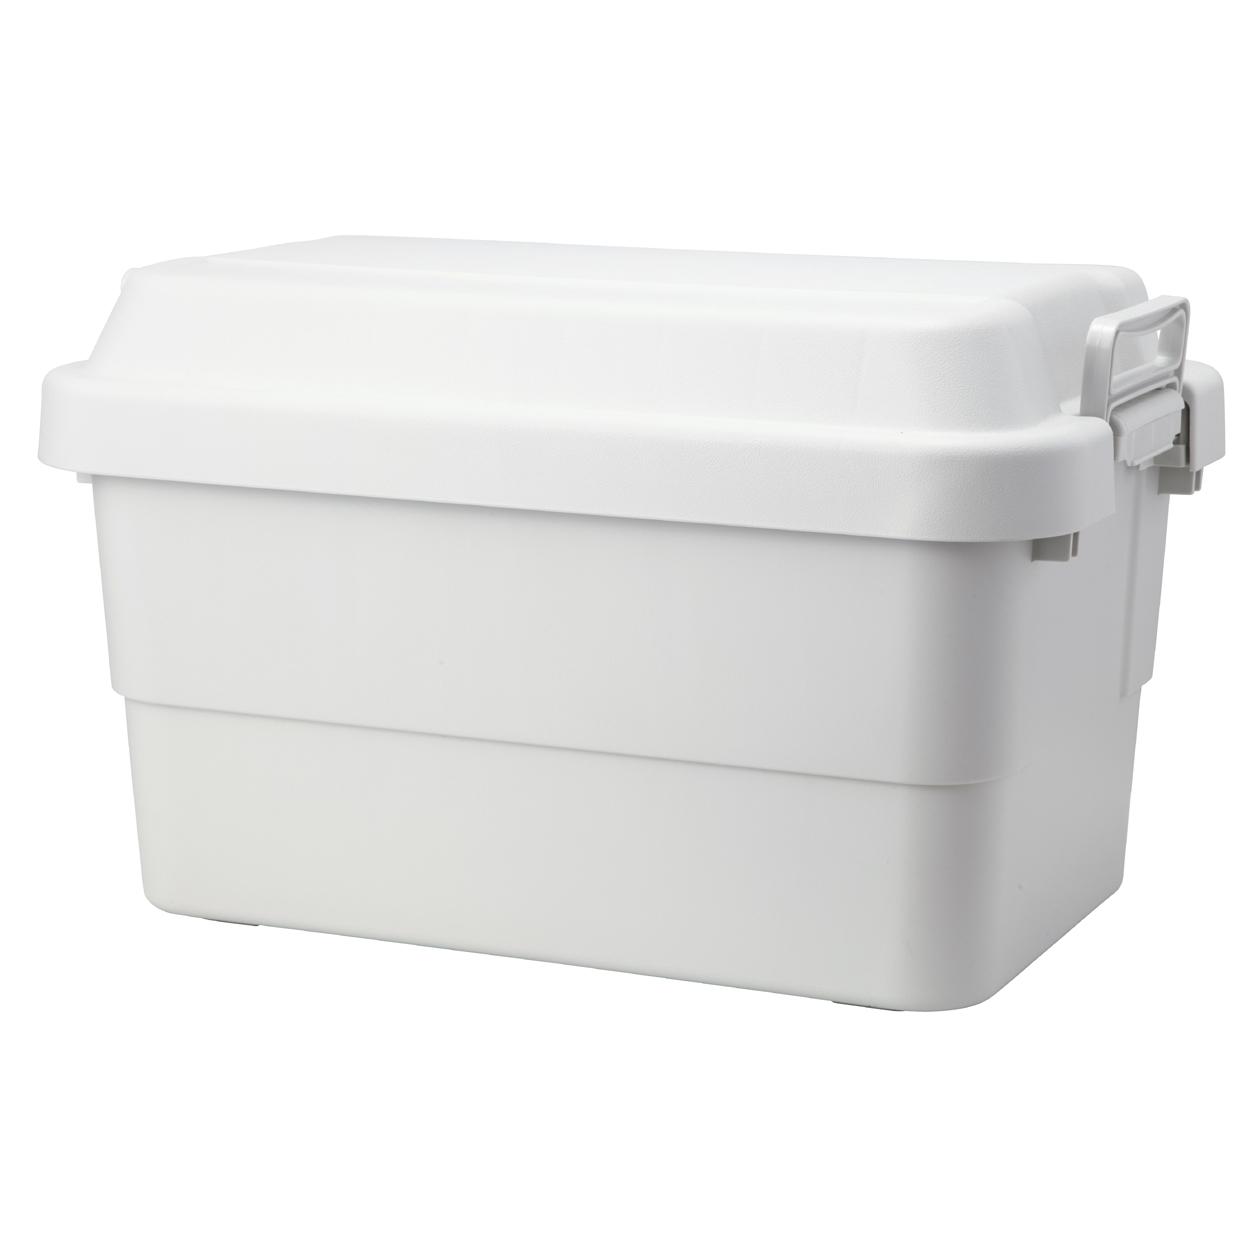 無印良品(MUJI)/ポリプロピレン頑丈収納ボックス(大)